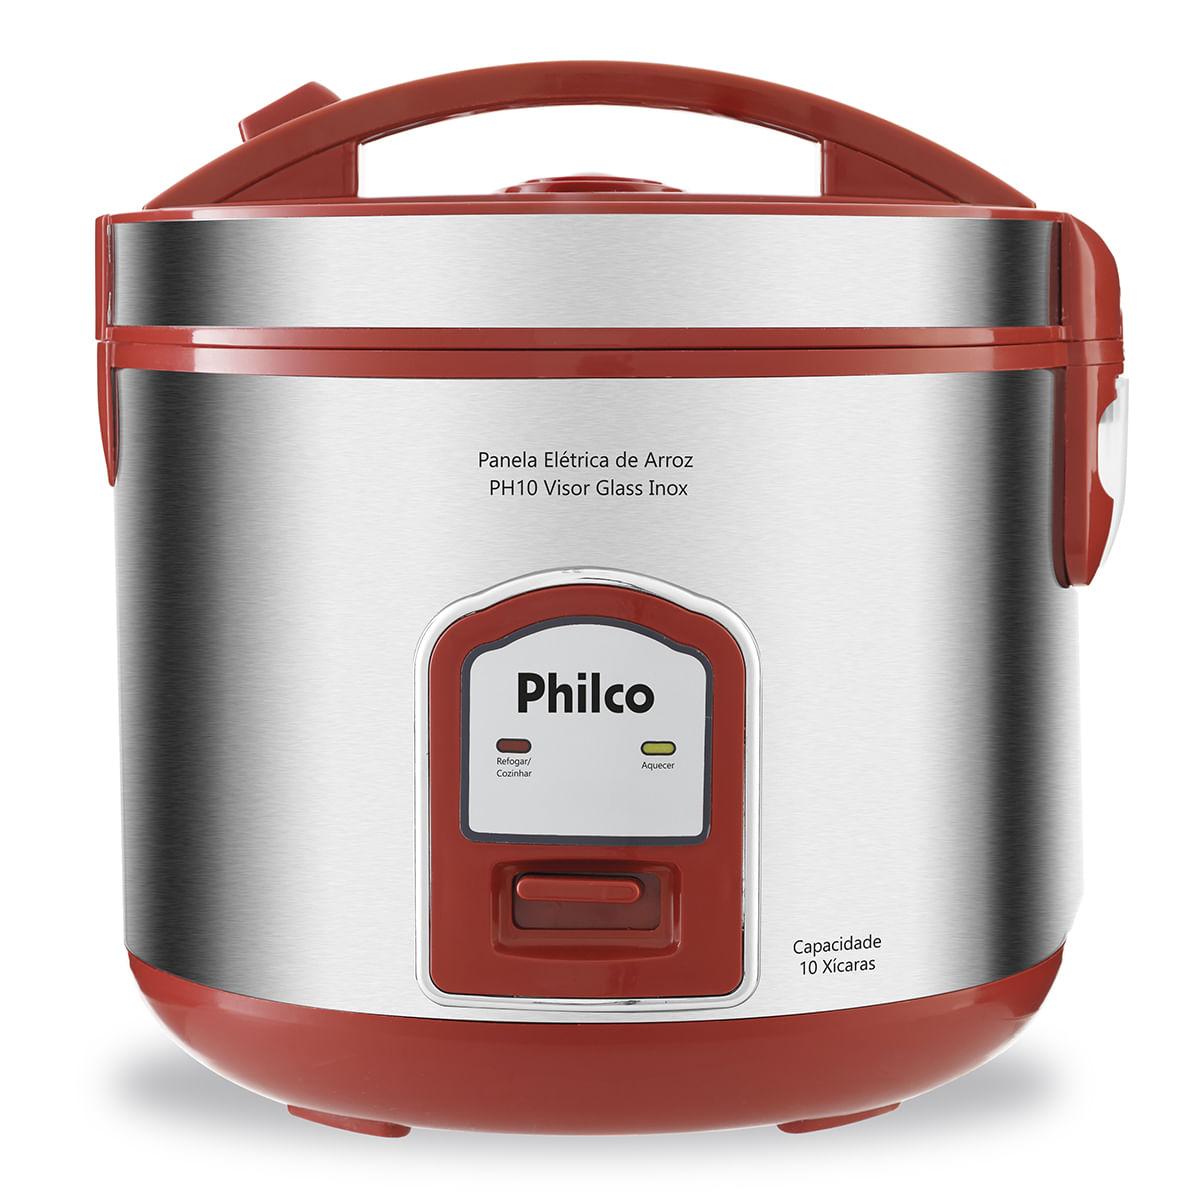 Panela de Arroz Philco 10 xícaras PH10V Visor Glass Inox